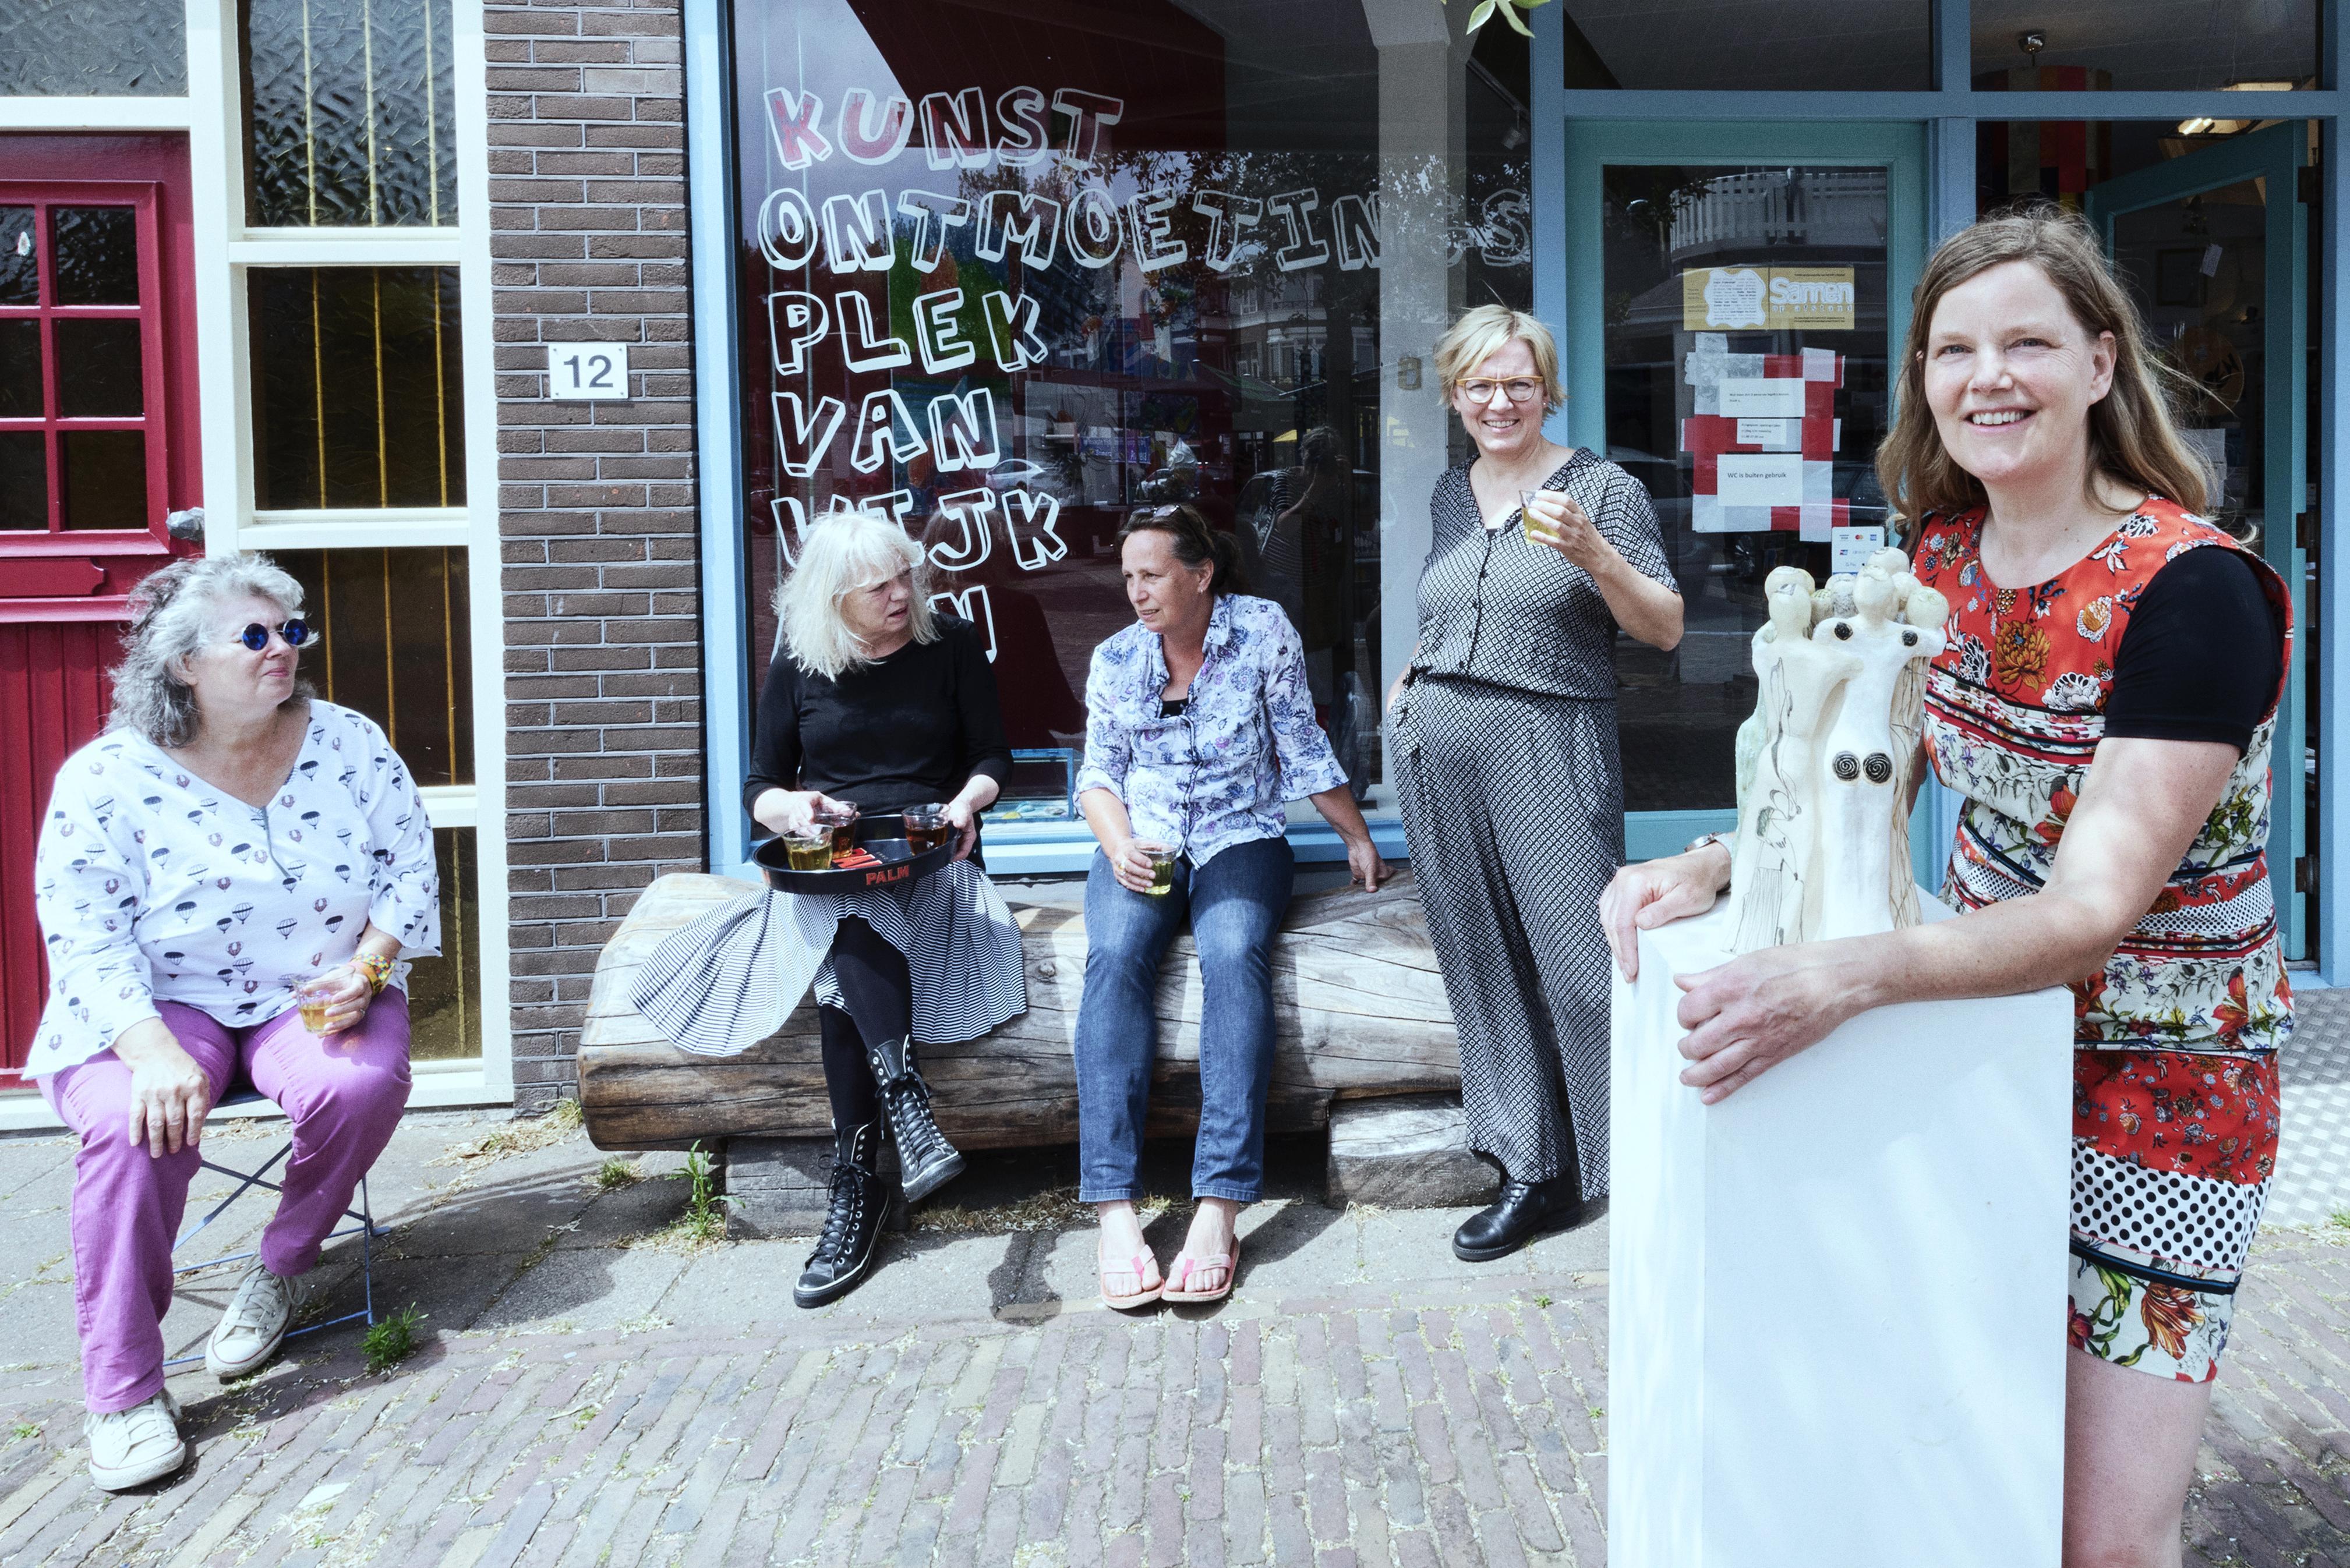 De Kop in Wijk aan Zee hangt vol met kunstwerken: 'Het liefst wil je natuurlijk lekker rondlopen, wat vragen, even teruglopen. Dat zal nu anders zijn'